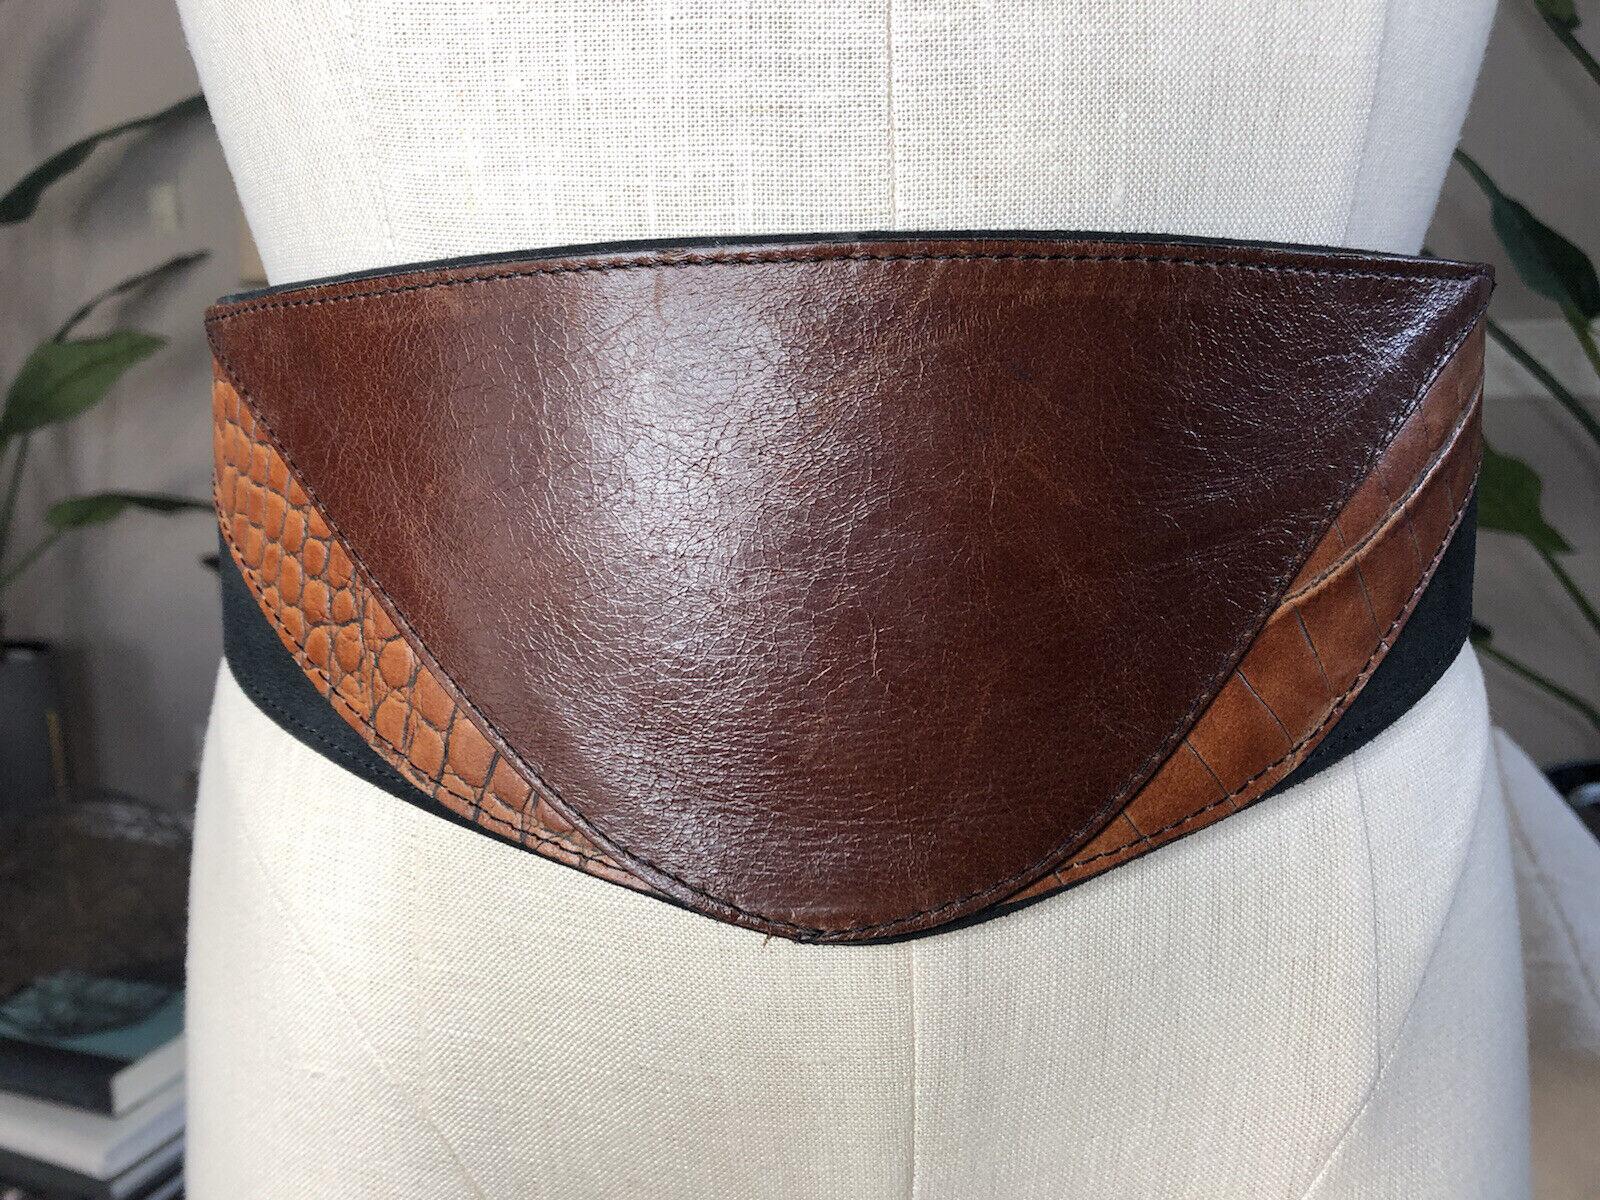 French Connection para mujeres cuero marrón pequeña declaración de cintura cinturón ancho